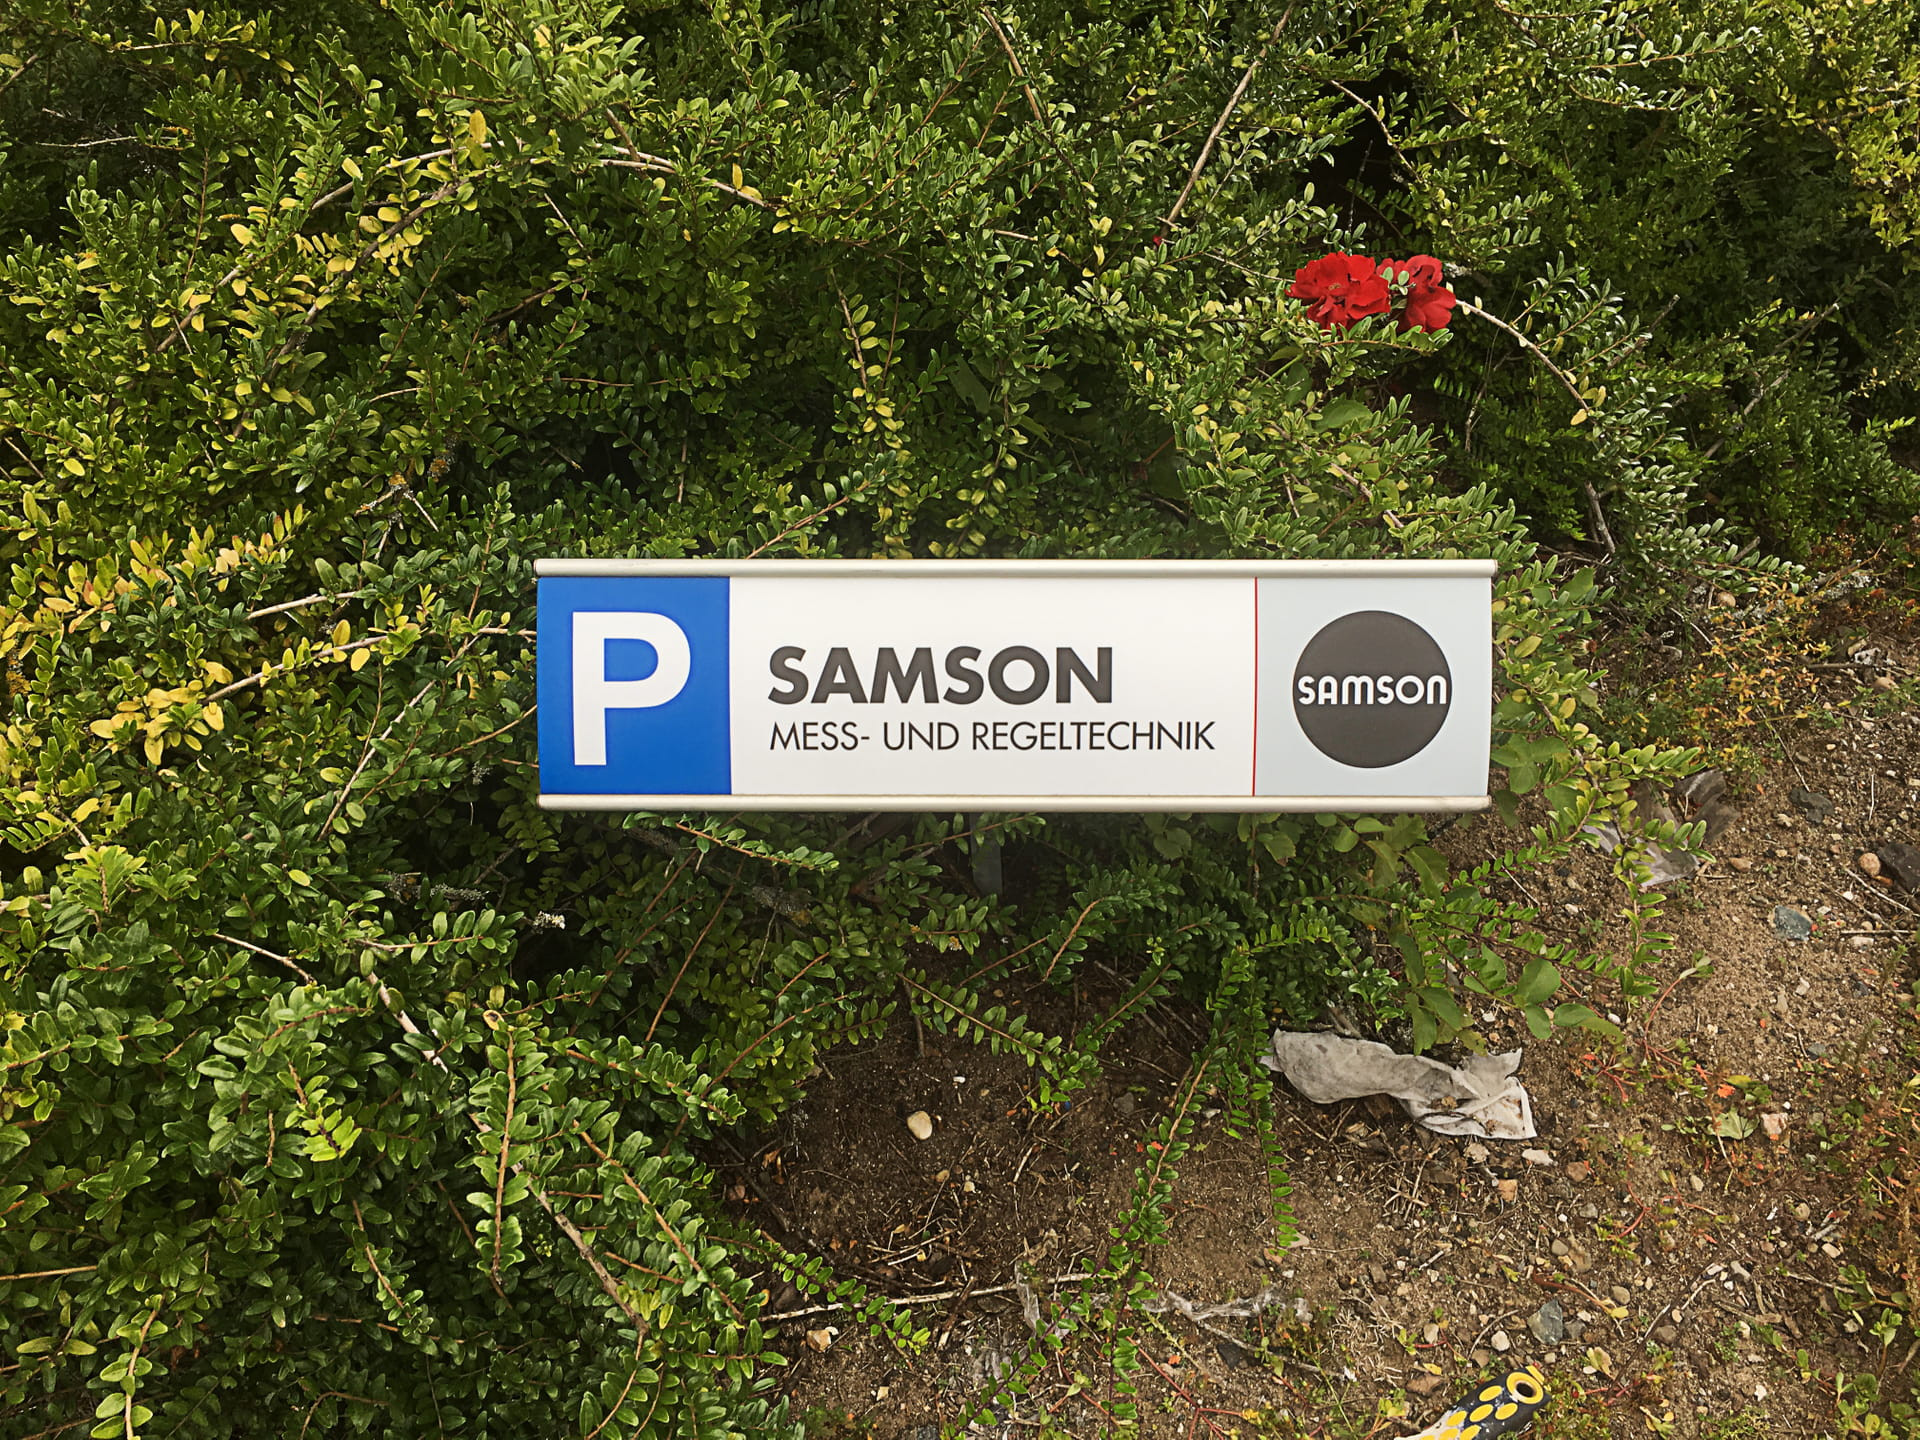 Parking sign Signposting Lettering (Labelling) Frankfurt Samsong from anplakt